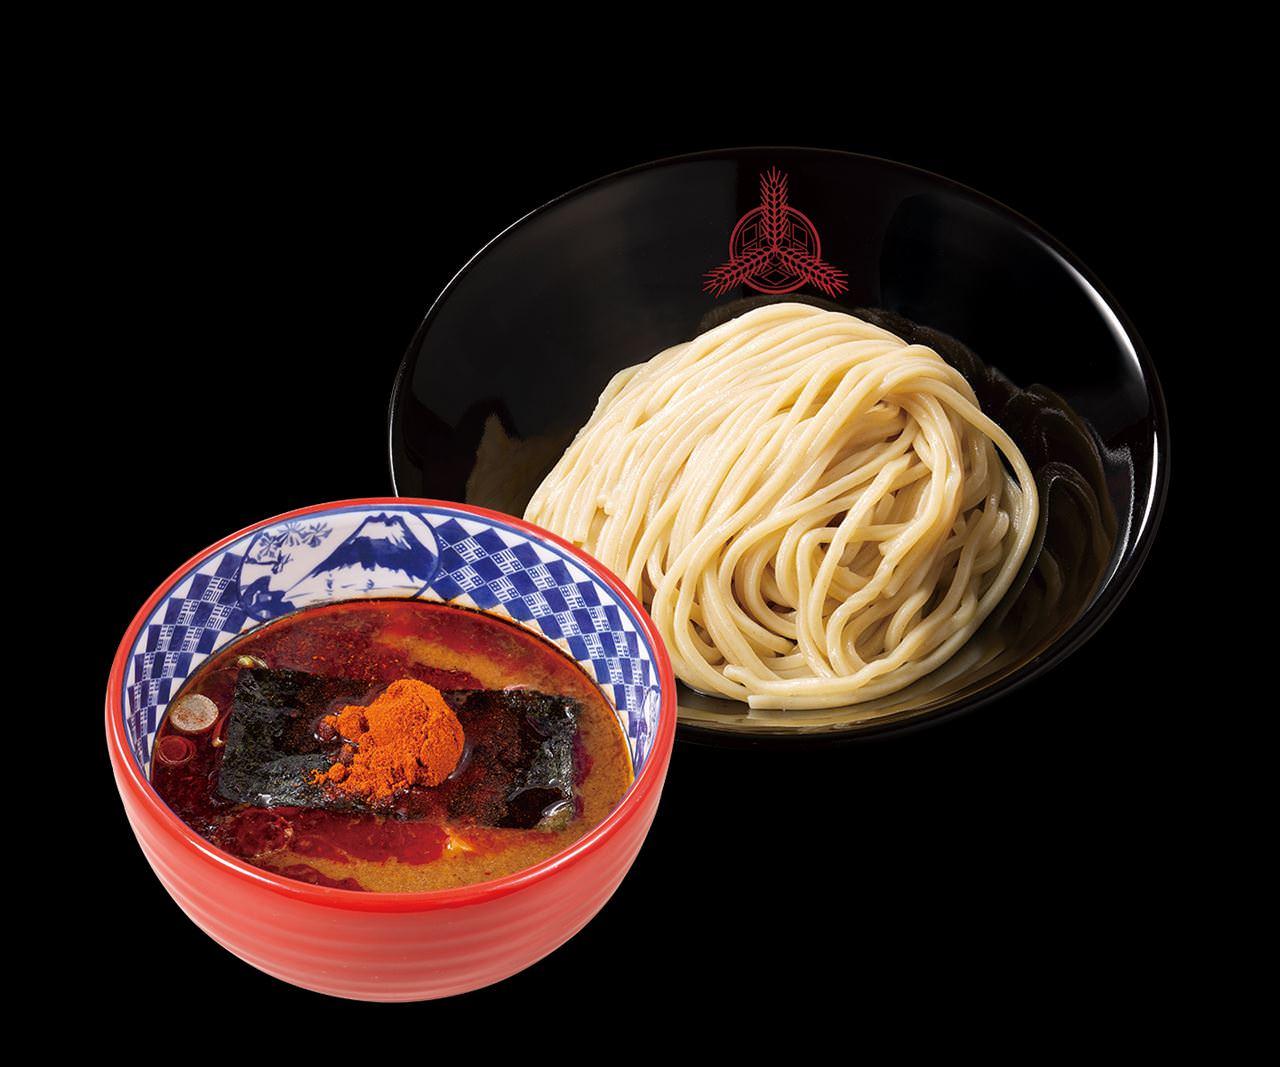 三田製麺所「灼熱つけ麺」 07 04